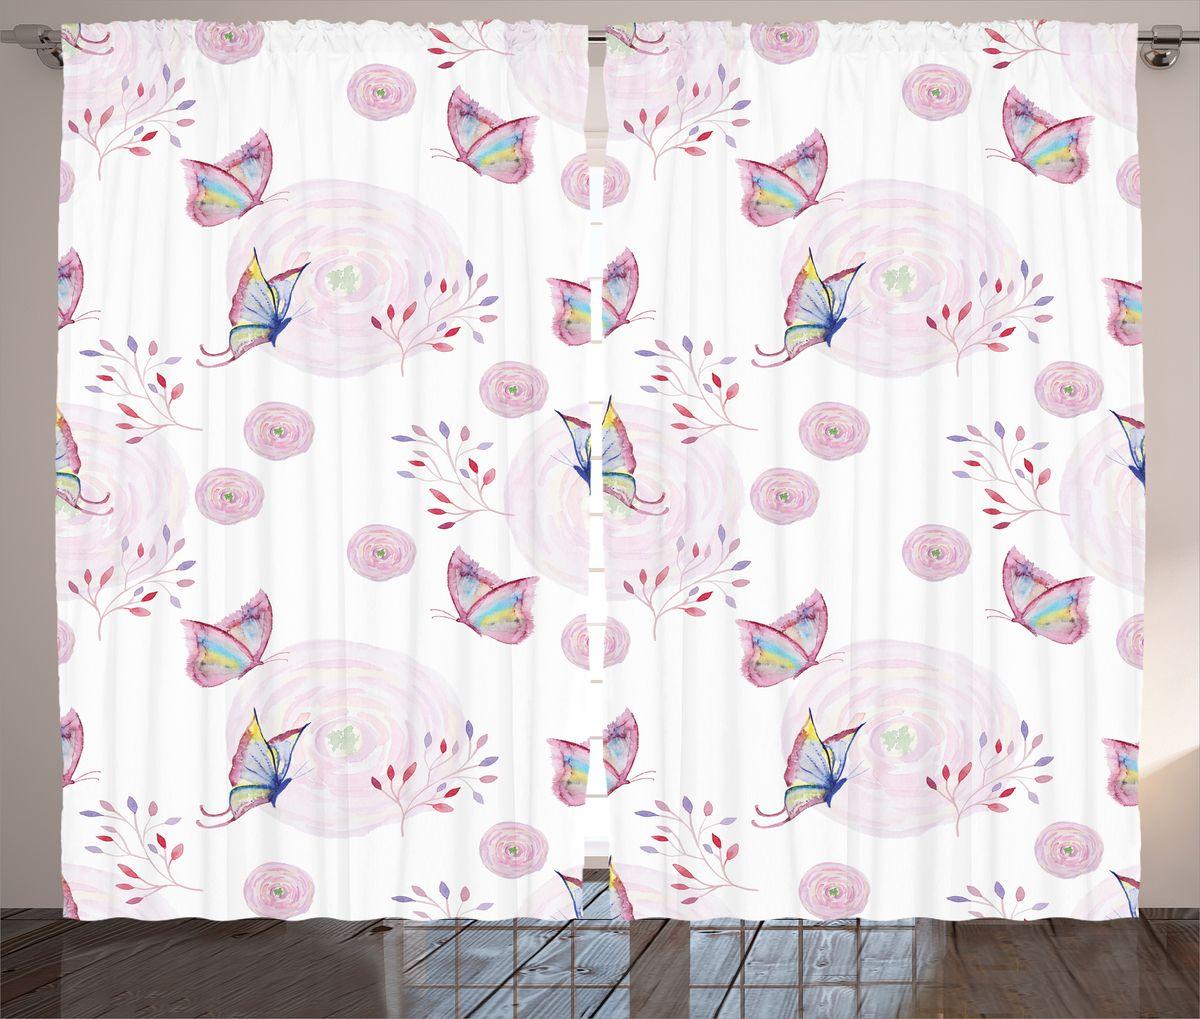 Комплект фотоштор Magic Lady, на ленте, высота 265 см. шсг_15910шсг_15910Компания Сэмболь изготавливает шторы из высококачественного сатена (полиэстер 100%). При изготовлении используются специальные гипоаллергенные чернила для прямой печати по ткани, безопасные для человека и животных. Экологичность продукции Magic lady и безопасность для окружающей среды подтверждены сертификатом Oeko-Tex Standard 100. Крепление: крючки для крепления на шторной ленте (50 шт). Возможно крепление на трубу. Внимание! При нанесении сублимационной печати на ткань технологическим методом при температуре 240°С, возможно отклонение полученных размеров (указанных на этикетке и сайте) от стандартных на + - 3-5 см. Производитель старается максимально точно передать цвета изделия на фотографиях, однако искажения неизбежны и фактический цвет изделия может отличаться от воспринимаемого по фото. Обратите внимание! Шторы изготовлены из полиэстра сатенового переплетения, а не из сатина (хлопок). Размер одного полотна шторы: 145х265 см. В комплекте 2...